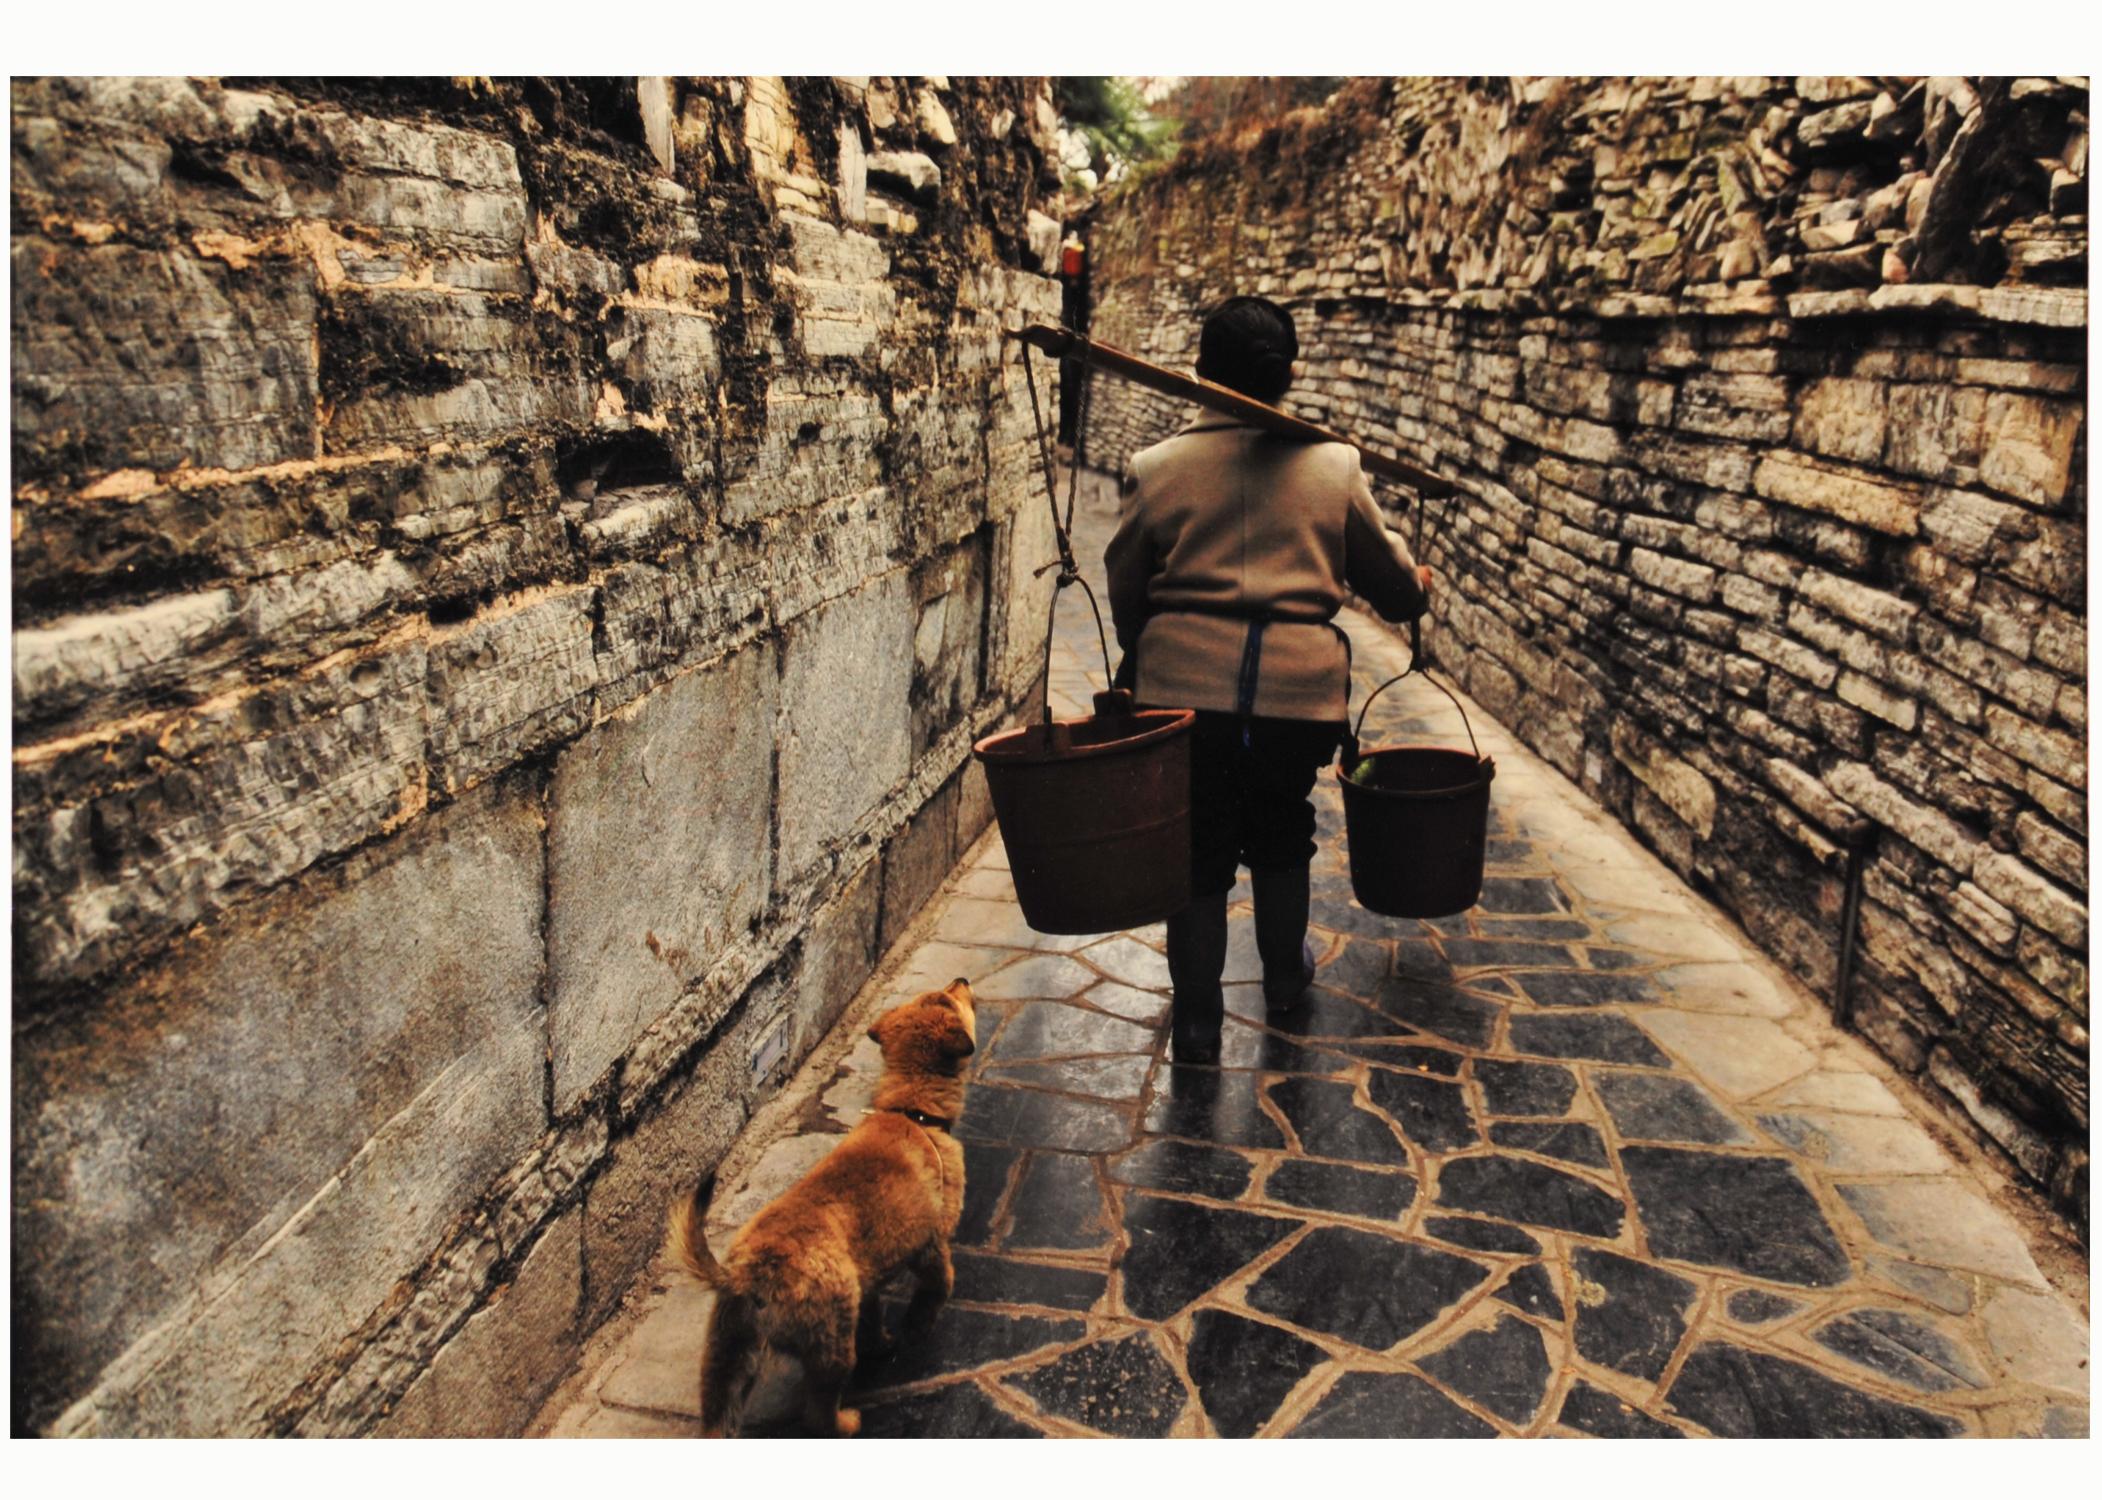 第54回滋賀県写真展覧会特選「古鎮に生きる」 新谷 教子